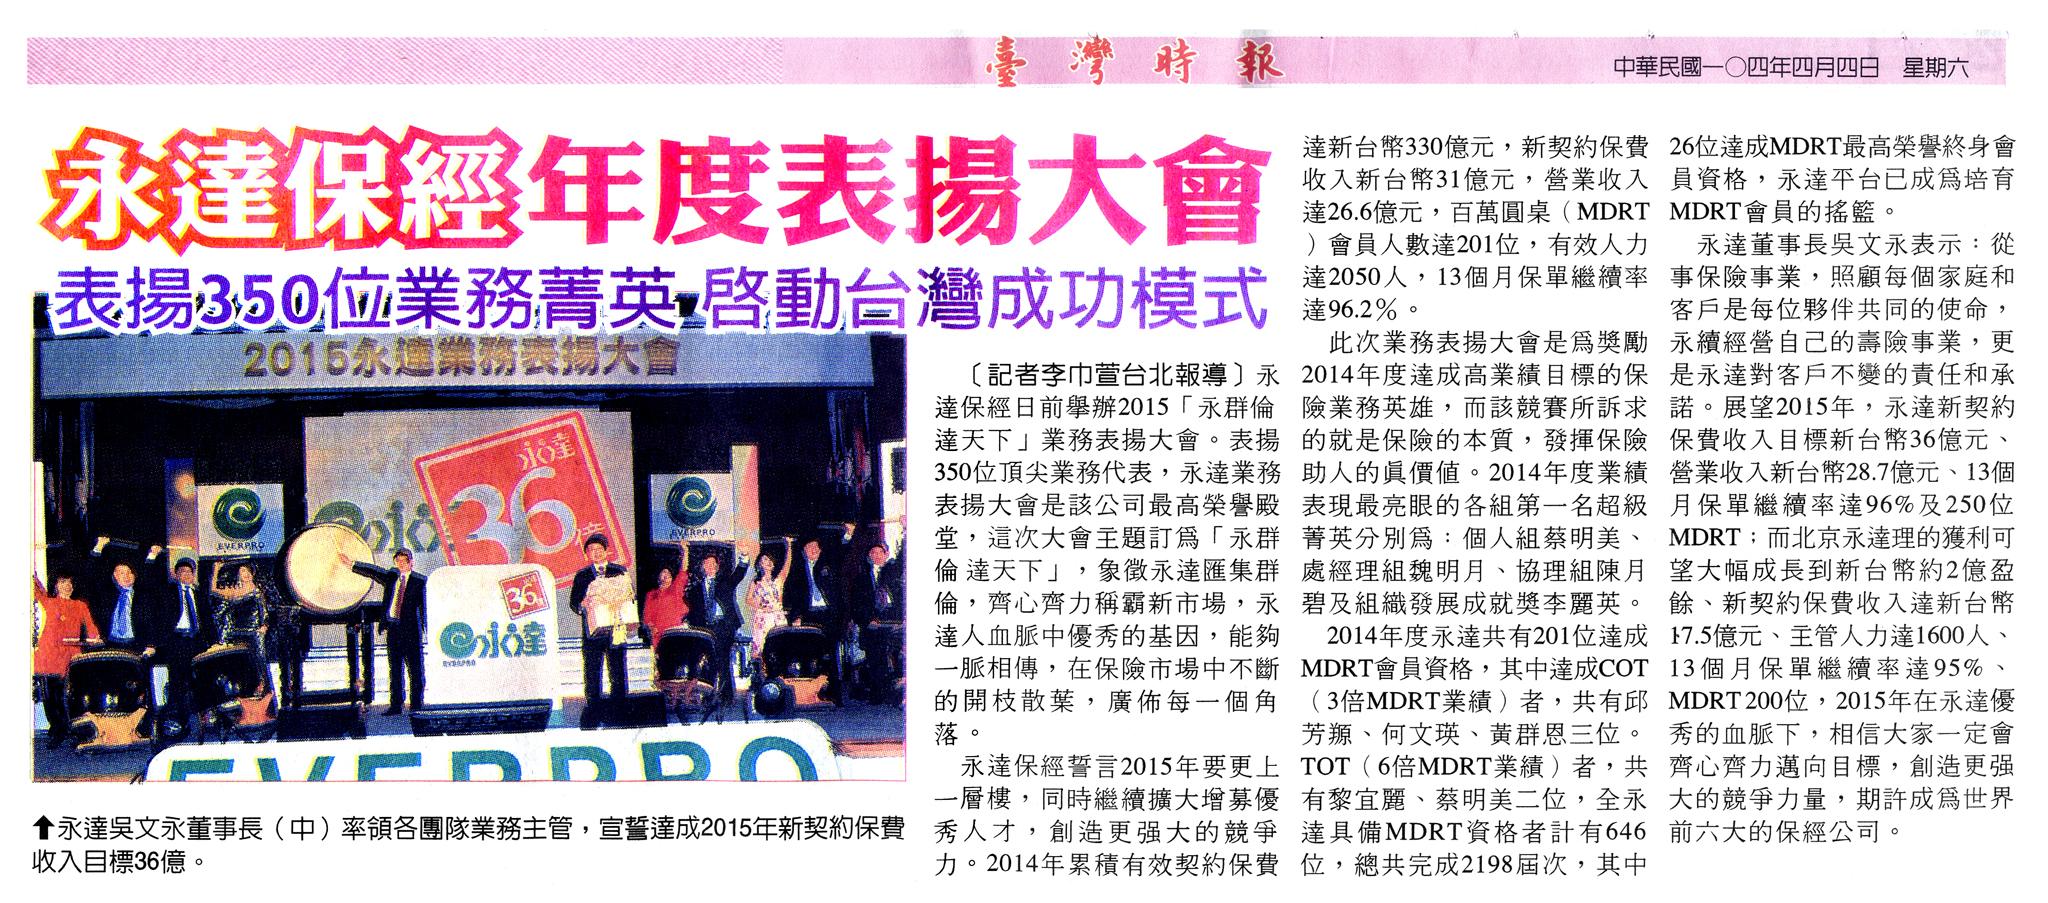 永達保經年度表揚大會 表揚350位業務菁英 啟動台灣成功模式報導圖檔